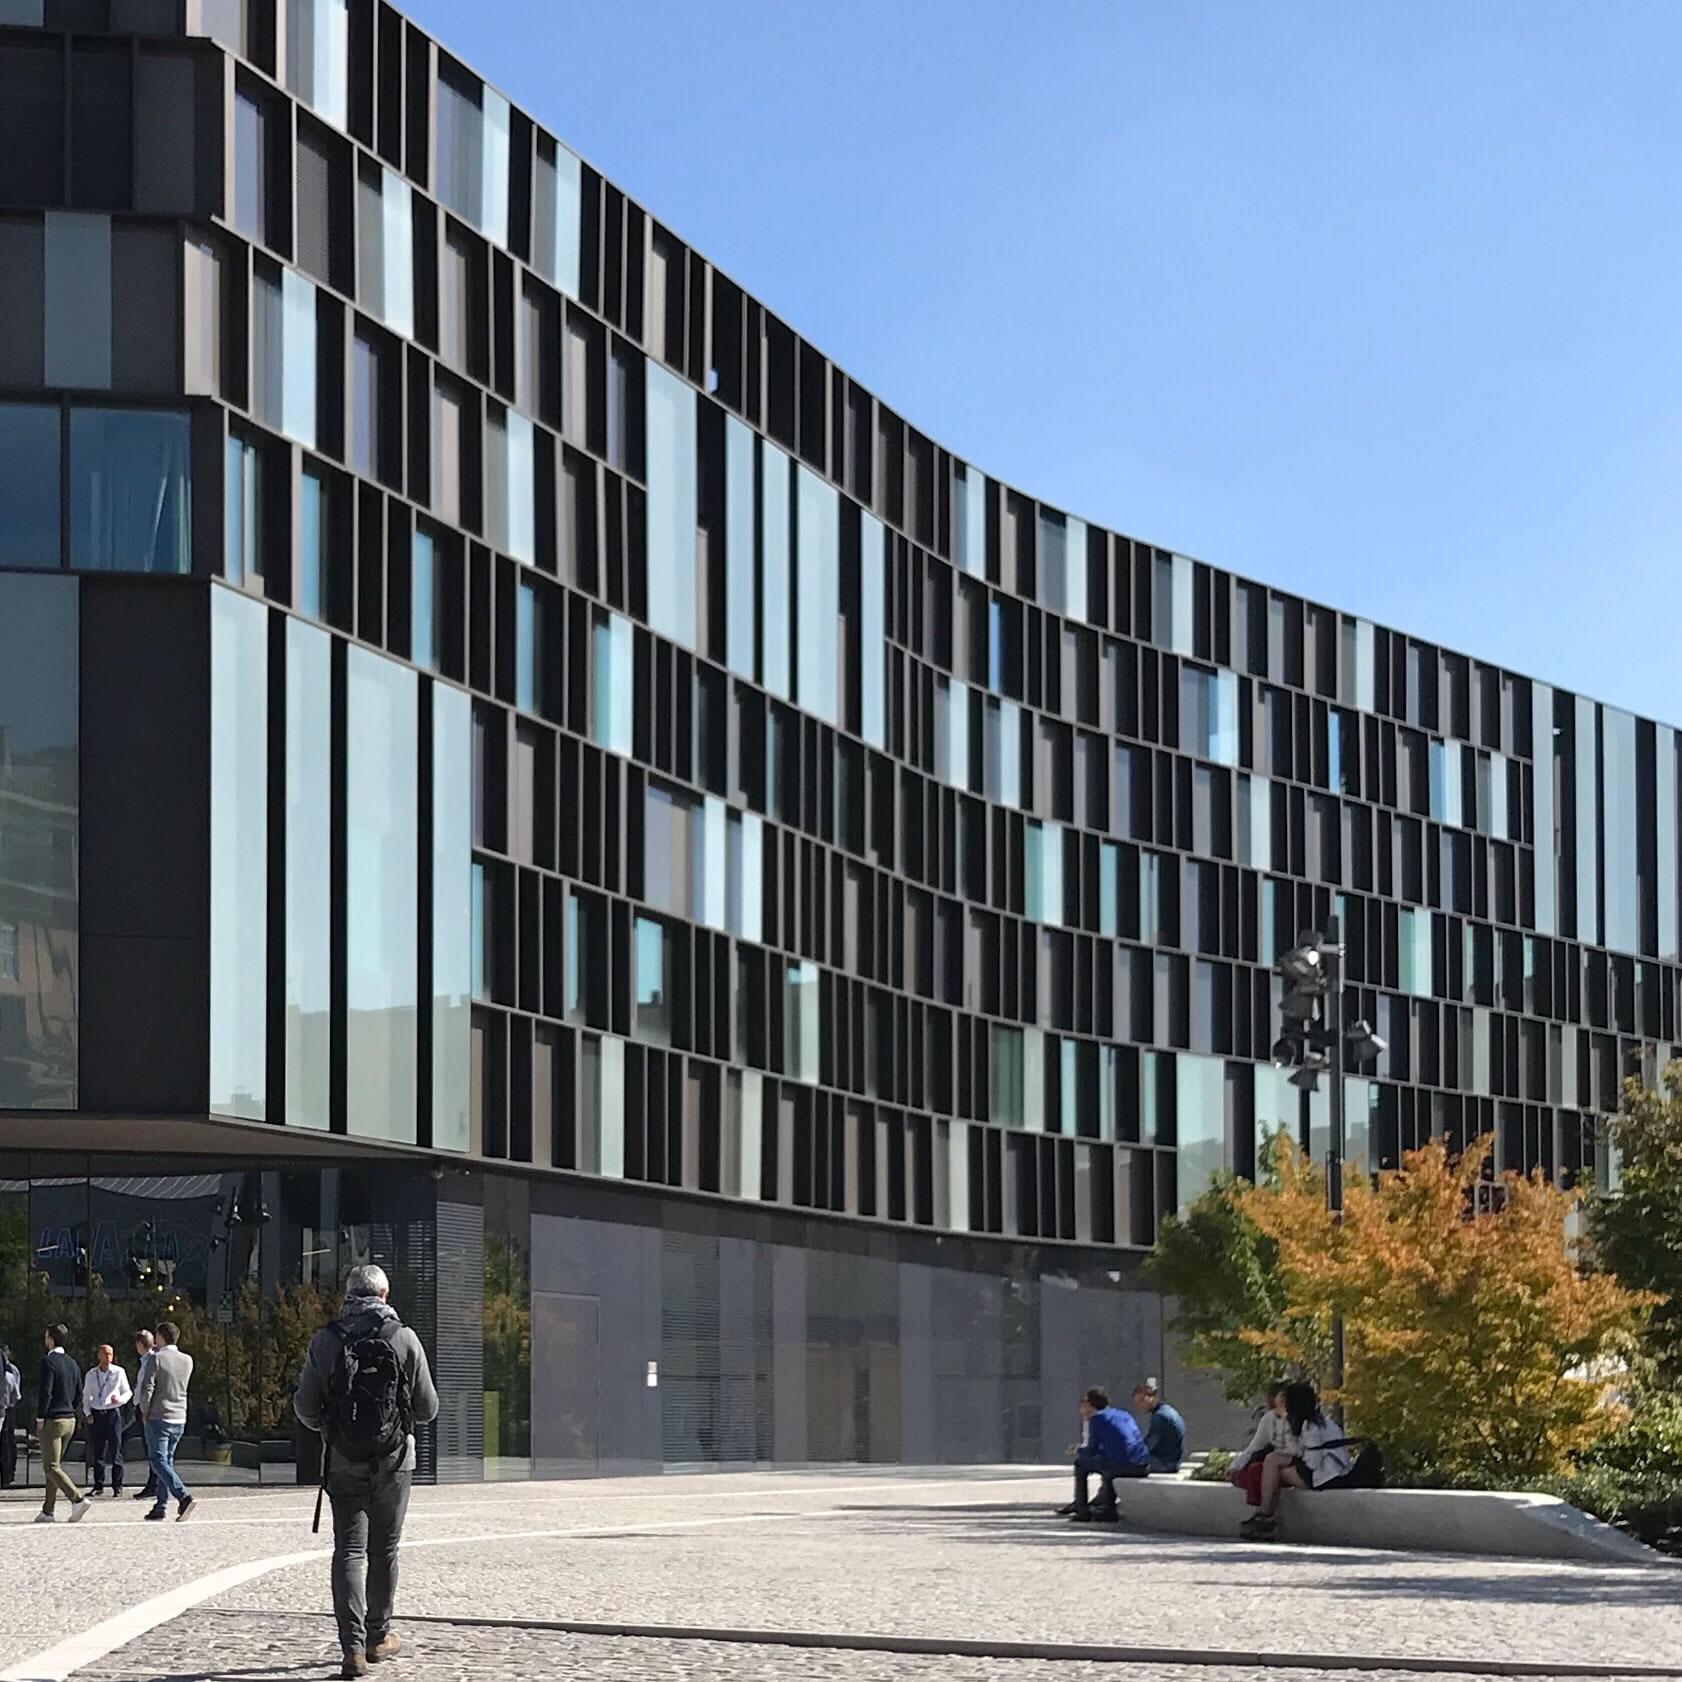 Lavoro Per Architetti Torino torino in 2 giorni, un percorso di architetture e svago all